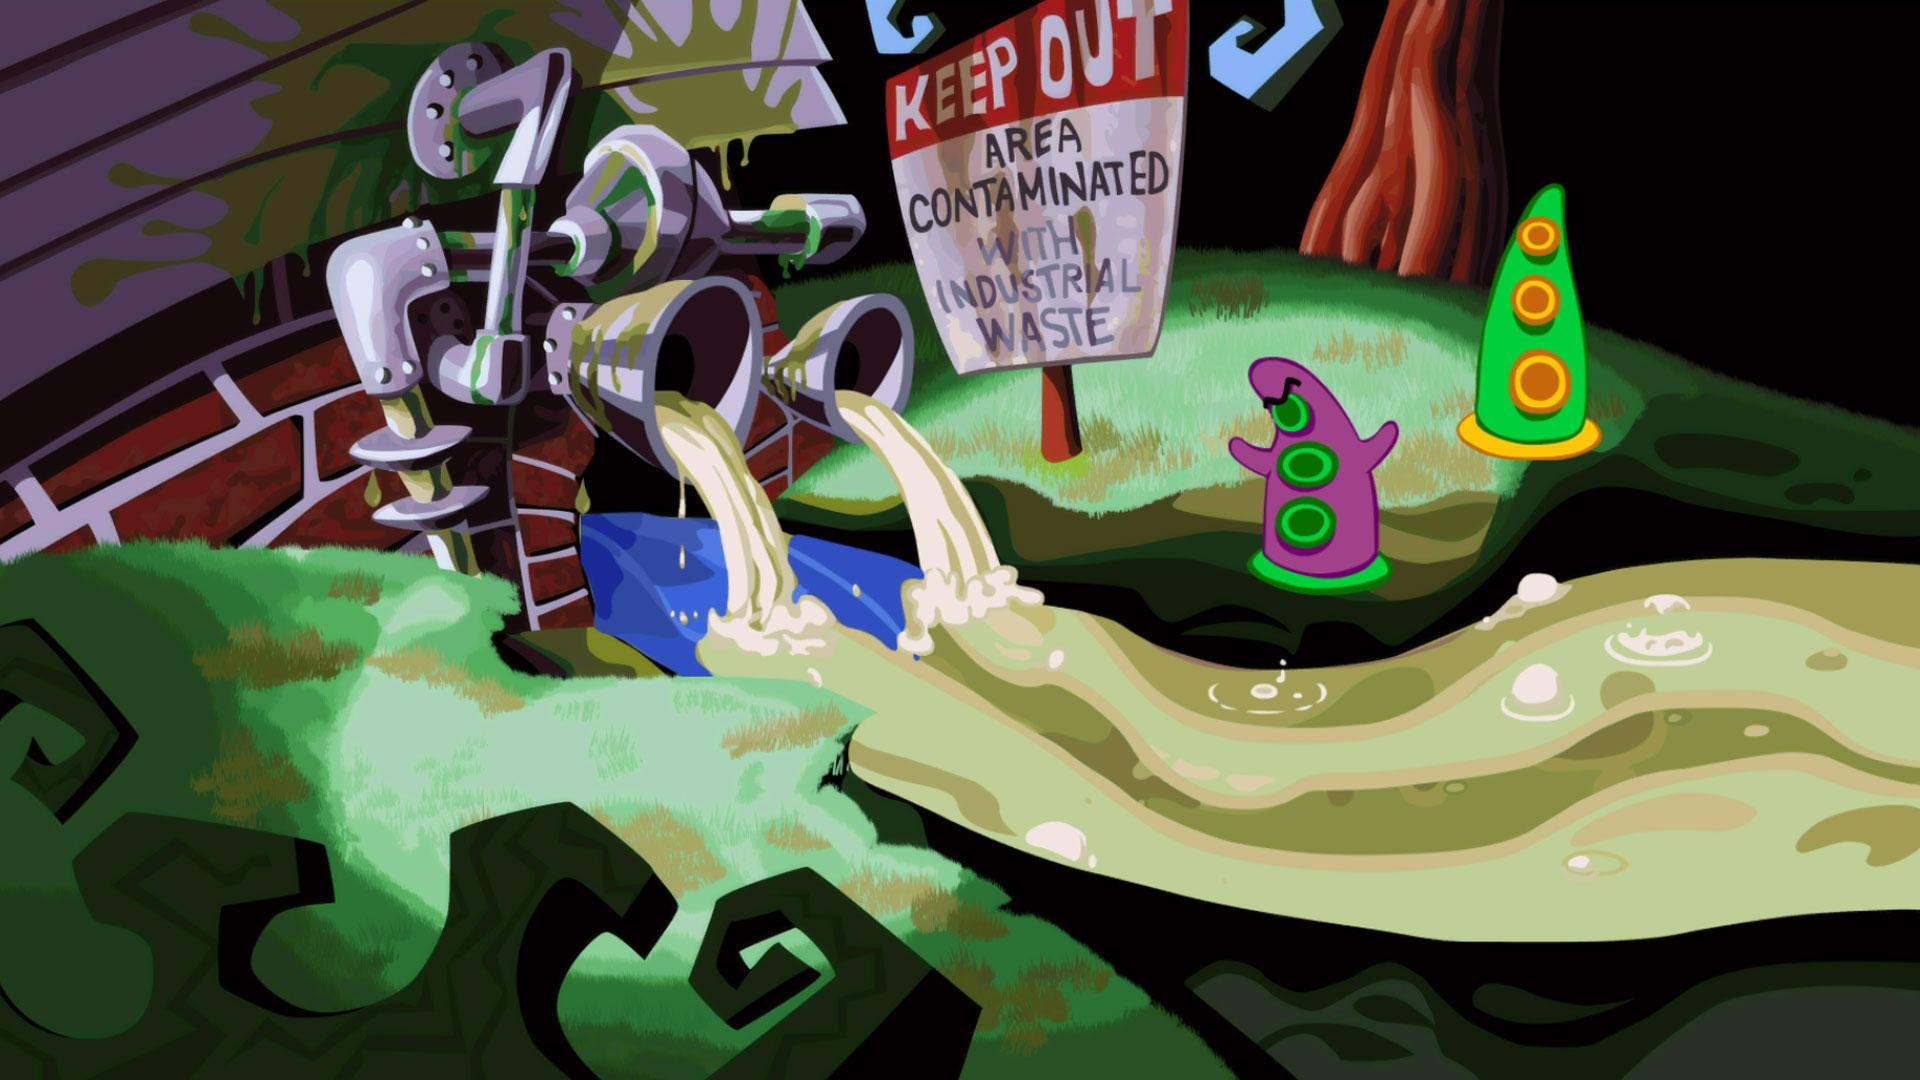 """Gelungenes Wiedersehen: Adventure-Spezialist Double Fine hat LucasArts-Klassiker wie """"Day of the Tentacle"""" in penibel überarbeitete Remaster-Versionen verwandelt."""